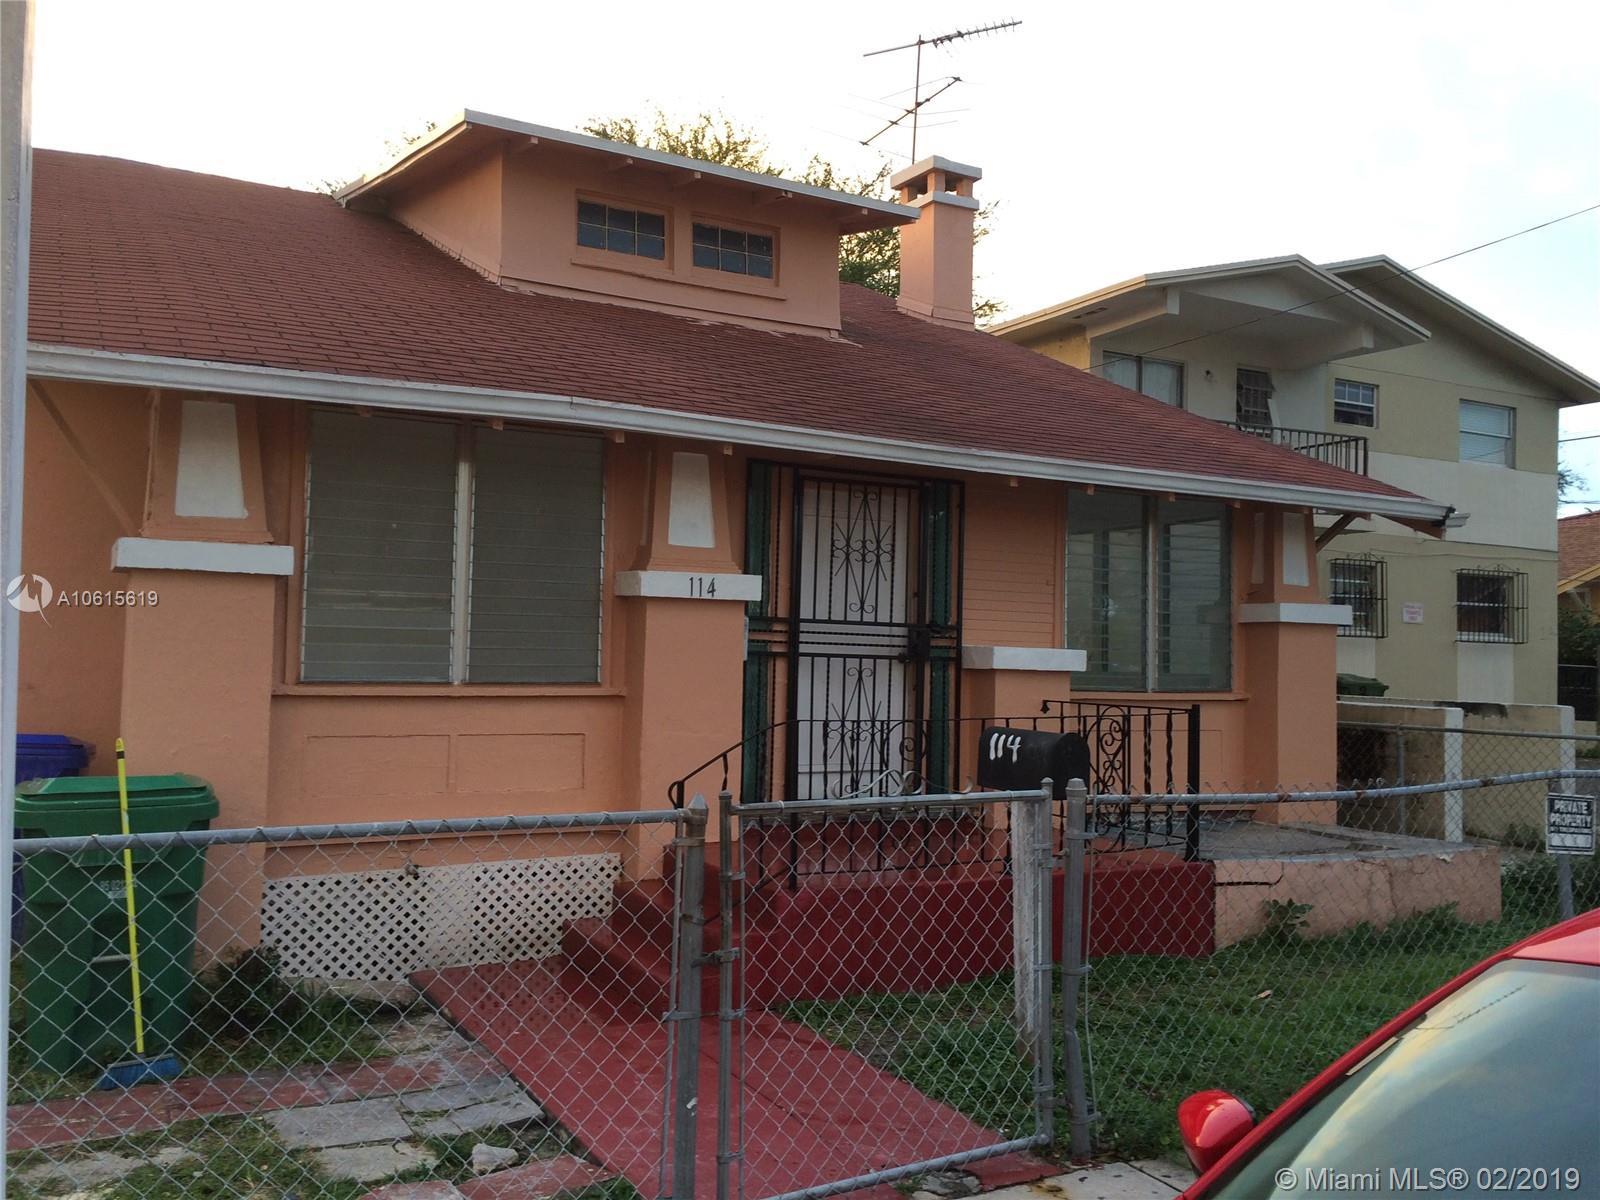 114 NW 10th Ave, Miami, FL 33128